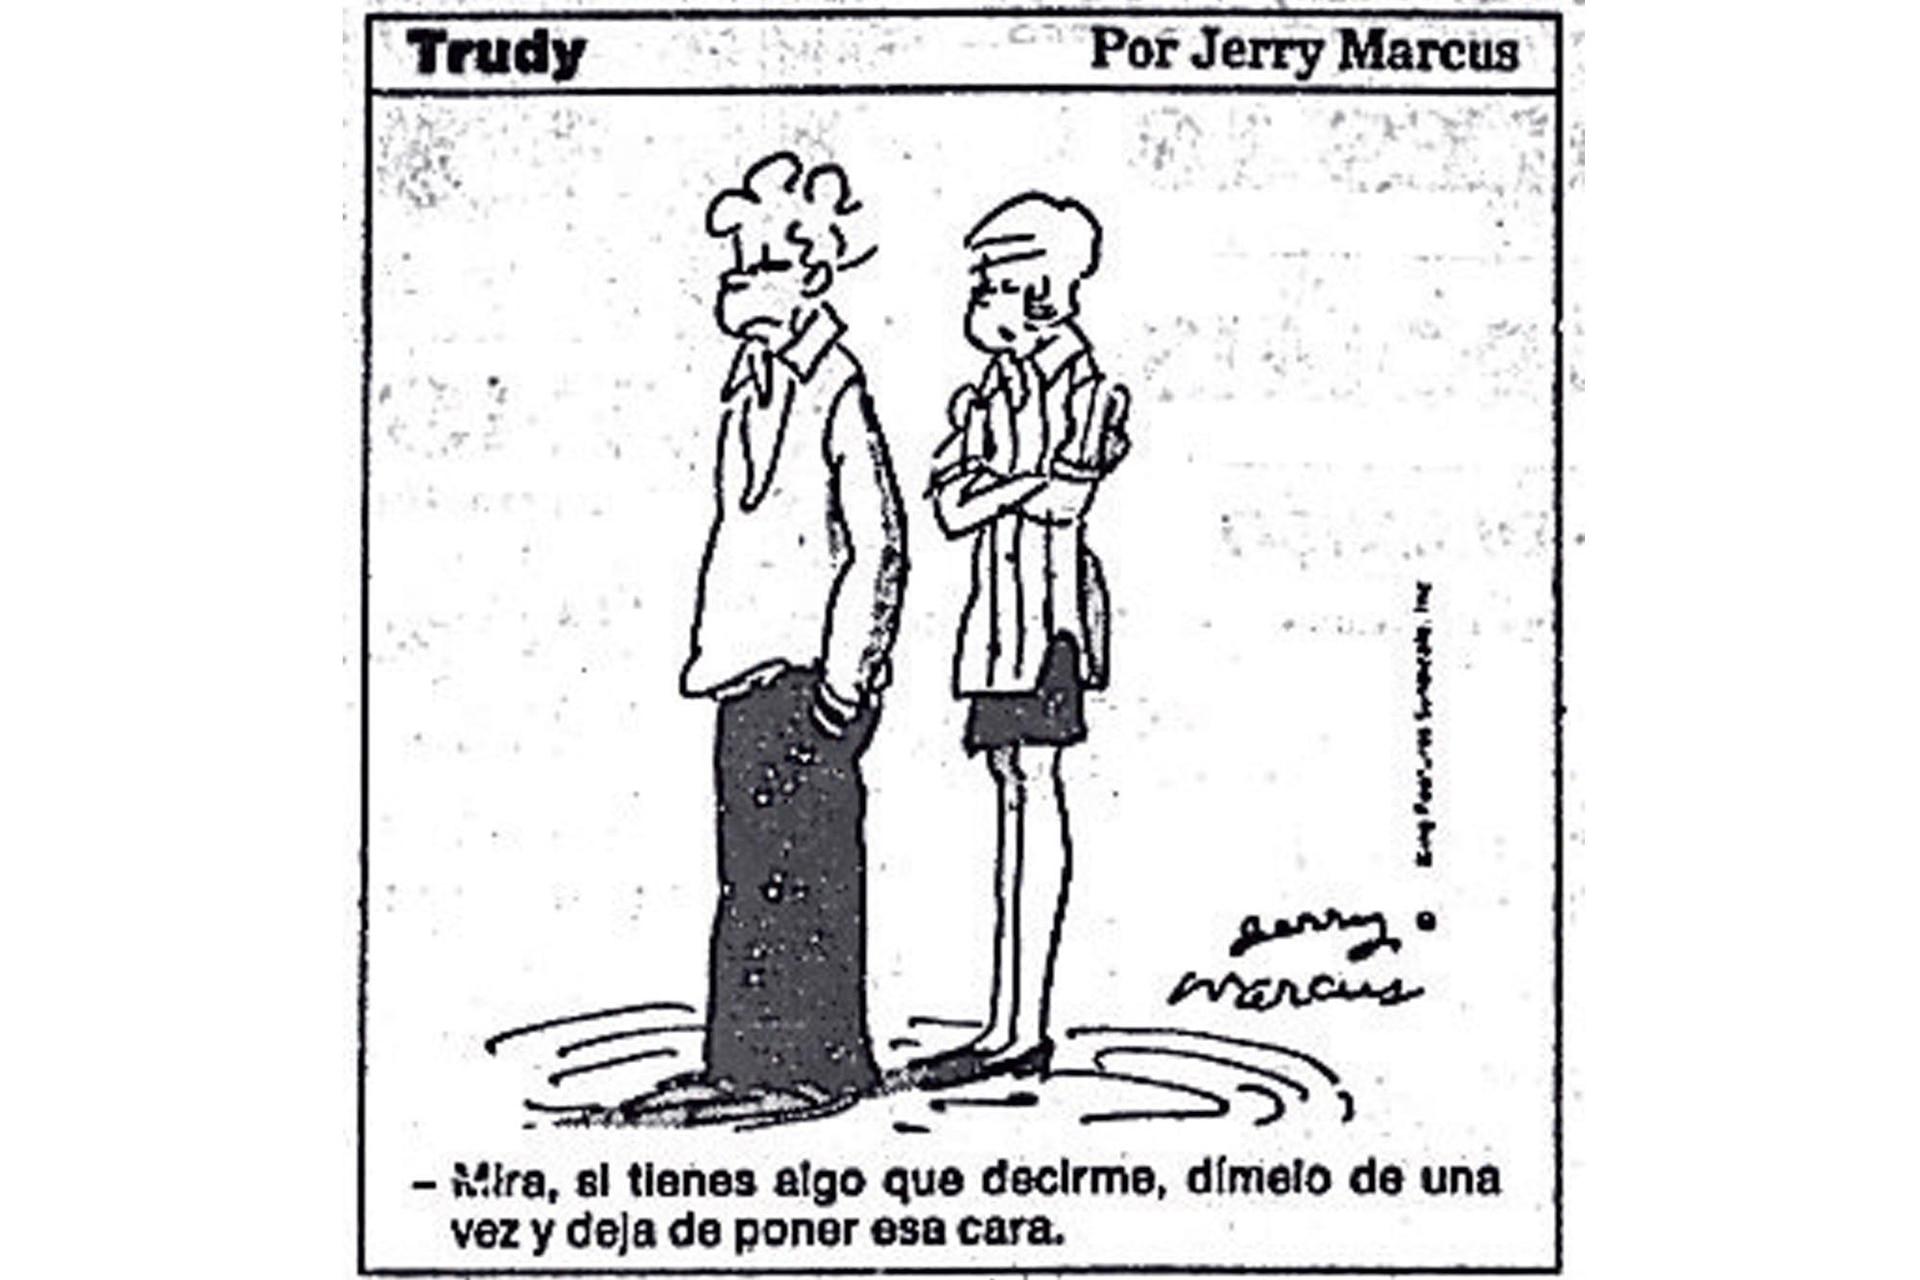 Trudy, 1985